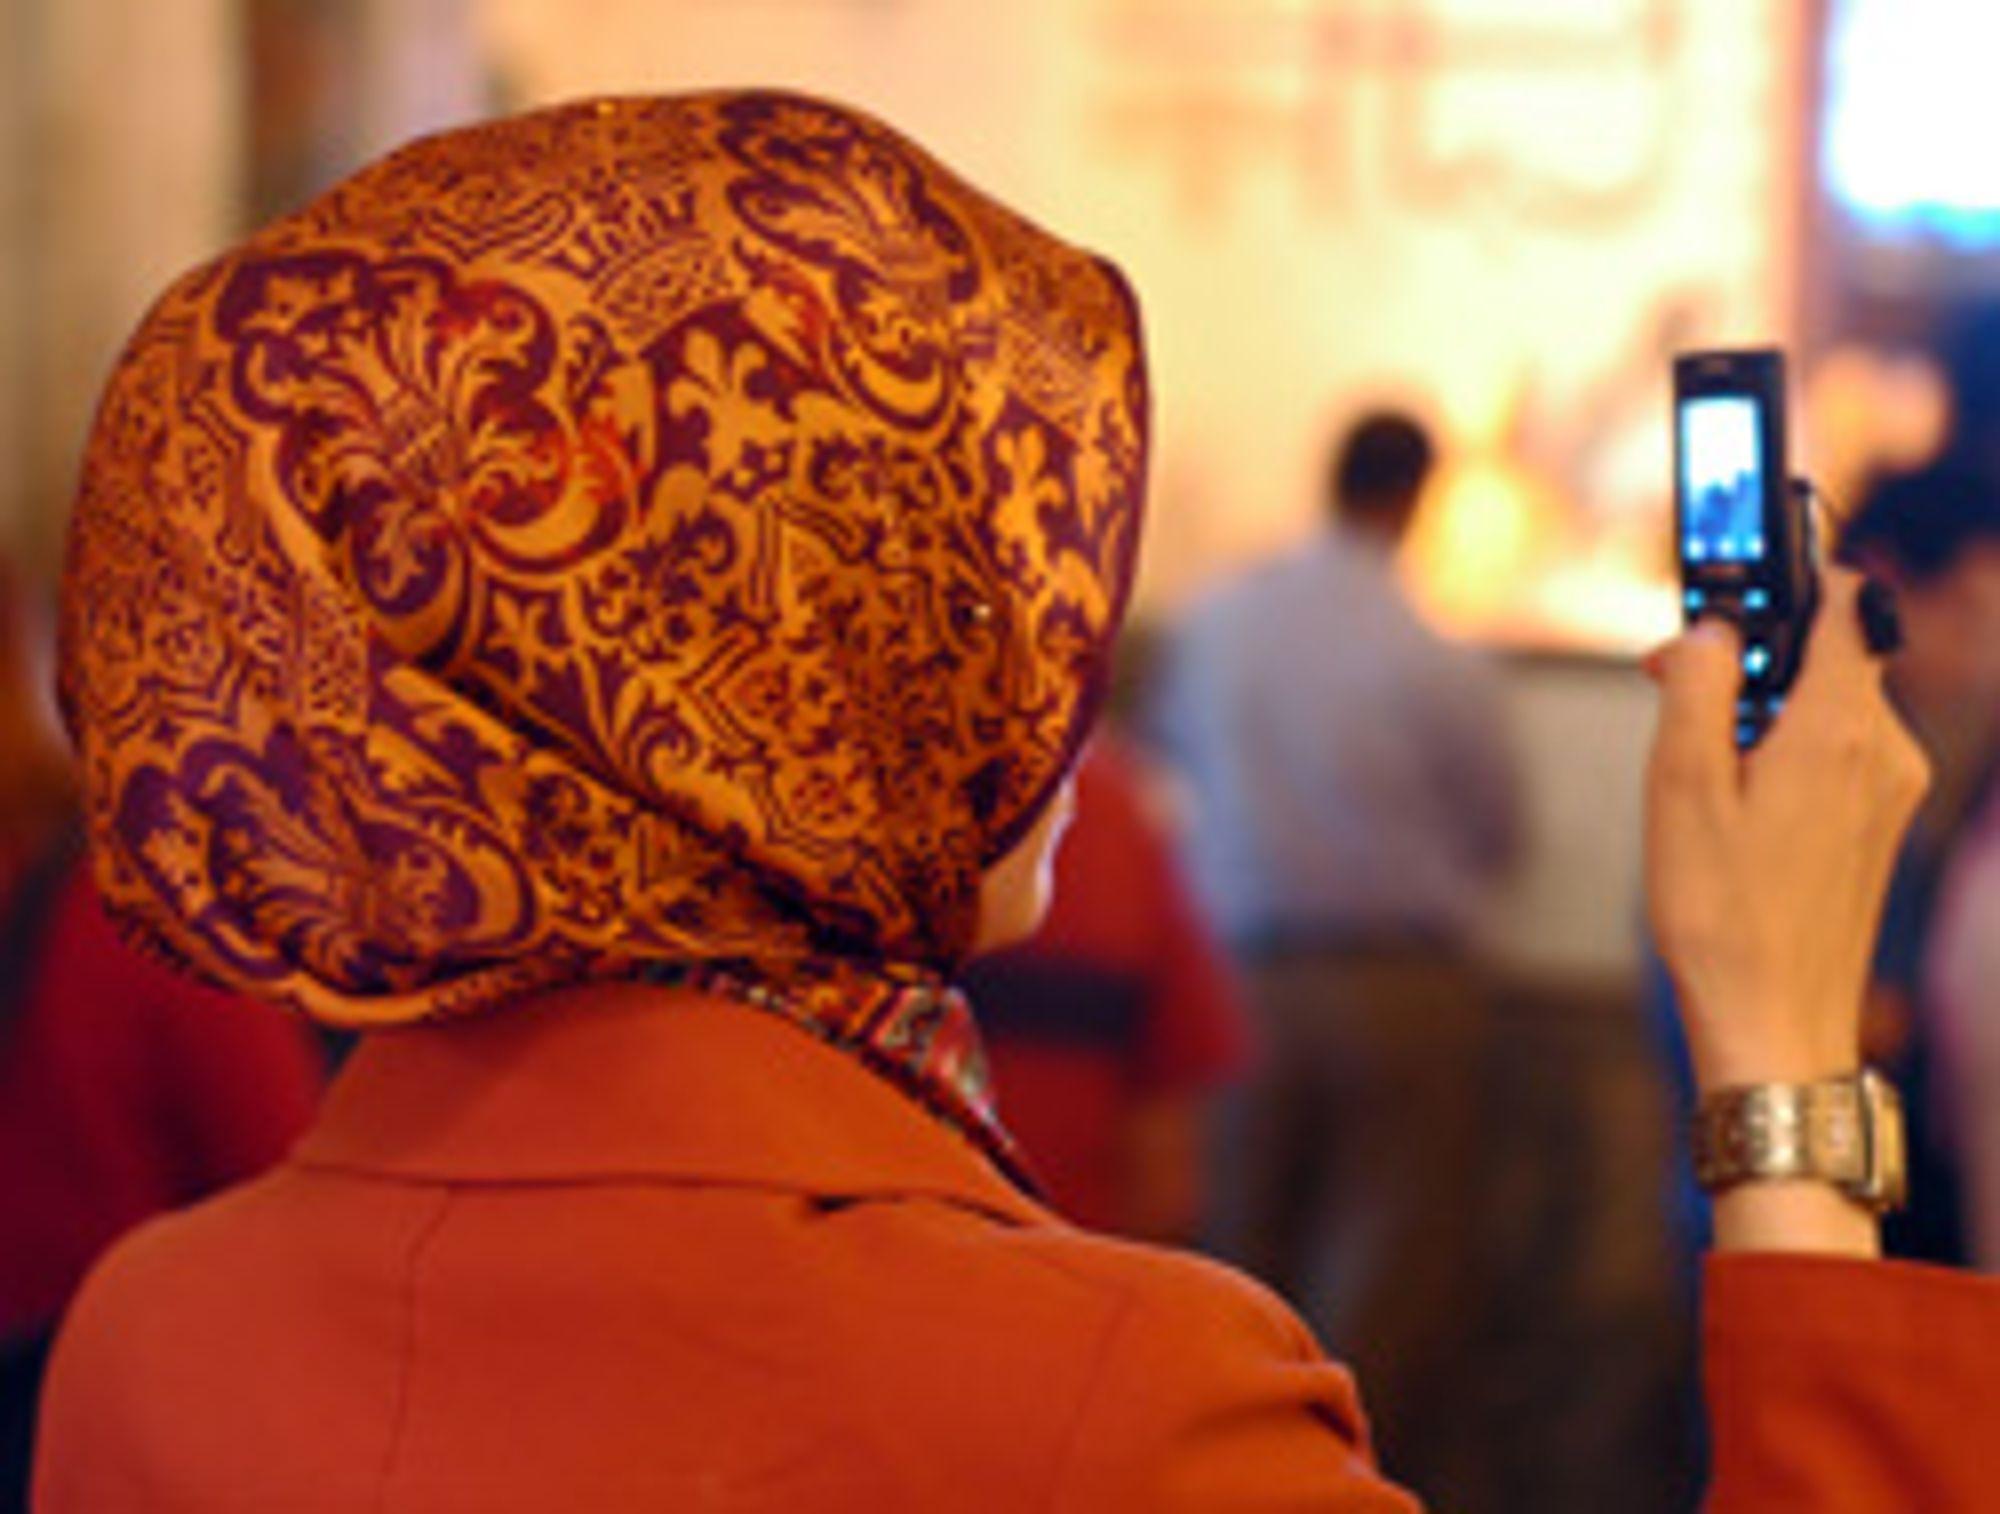 Det kan bli dyrt å sende intime bilder via mobilen i Iran. (Foto: Istockphoto / Matan Narkiss)